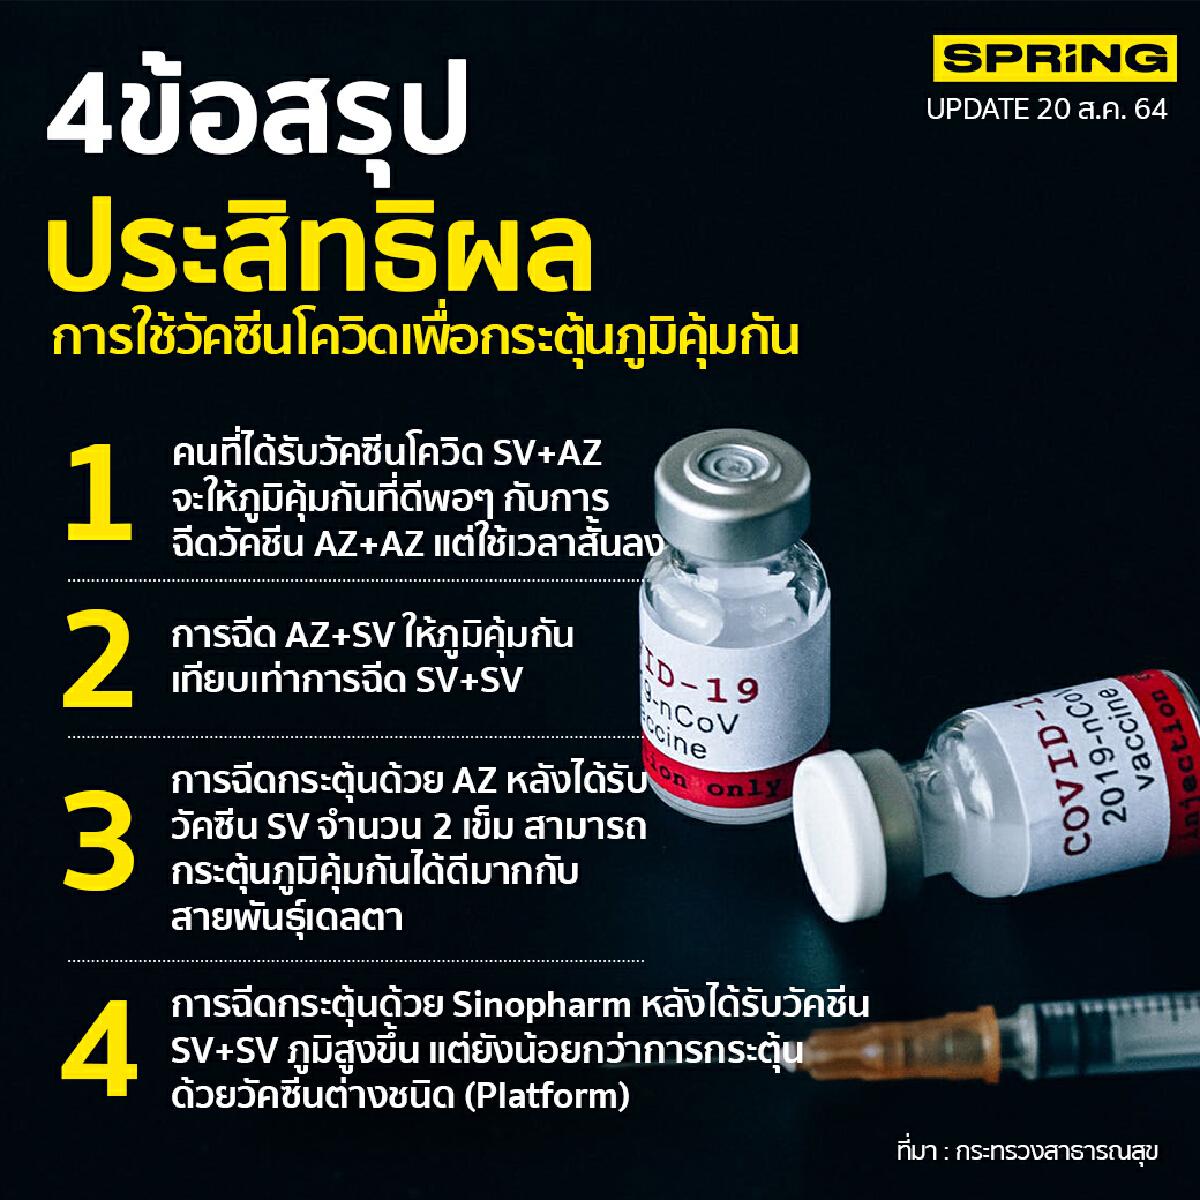 ข้อสรุป ประสิทธิผลวัคซีน